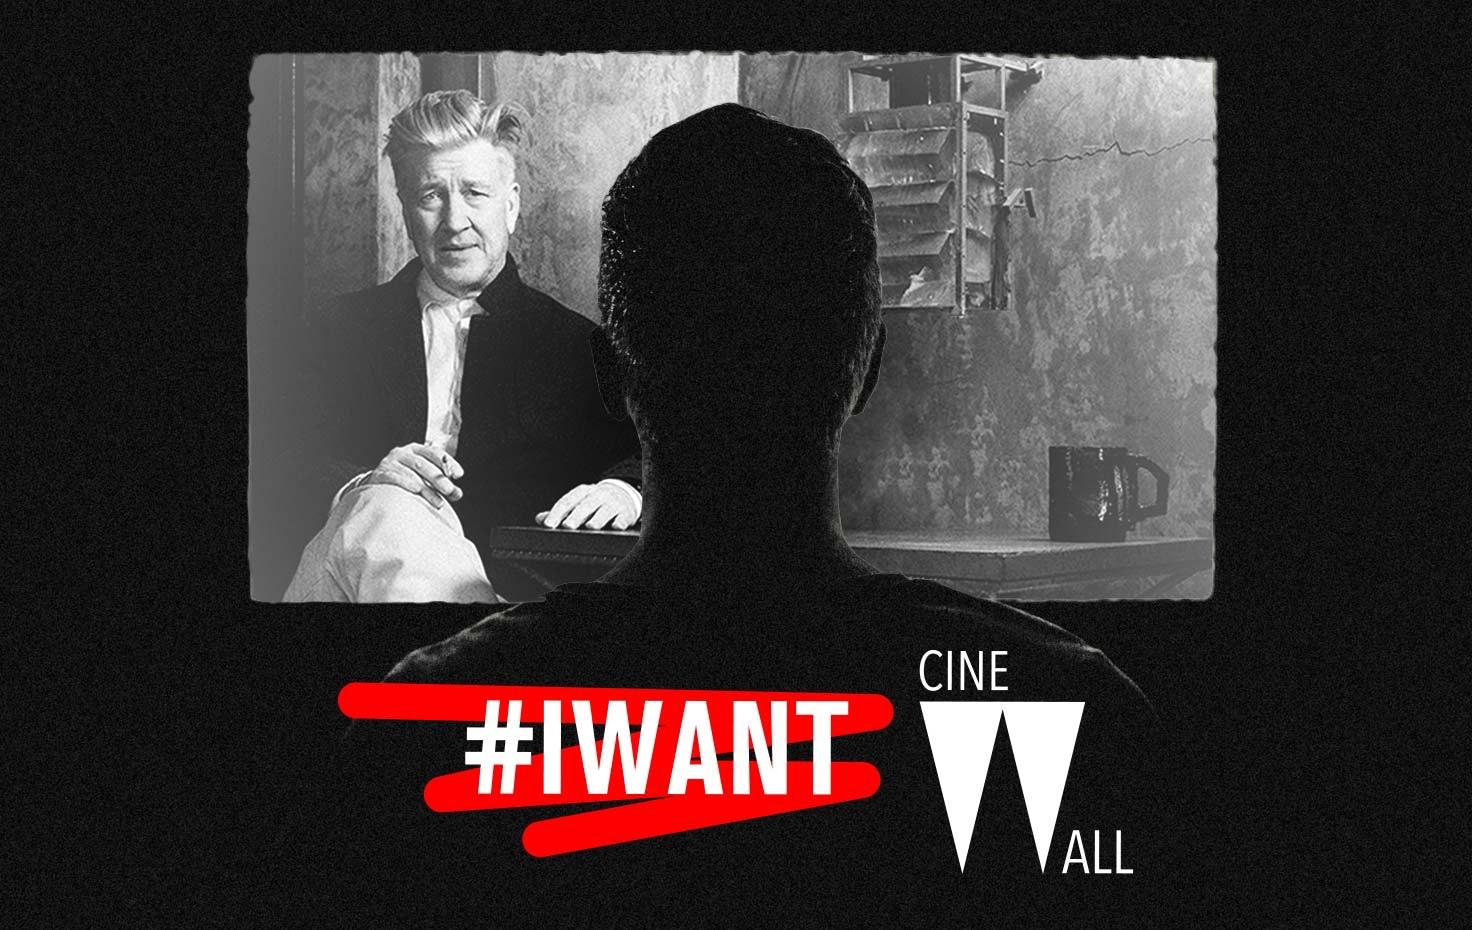 #IWant CineWall